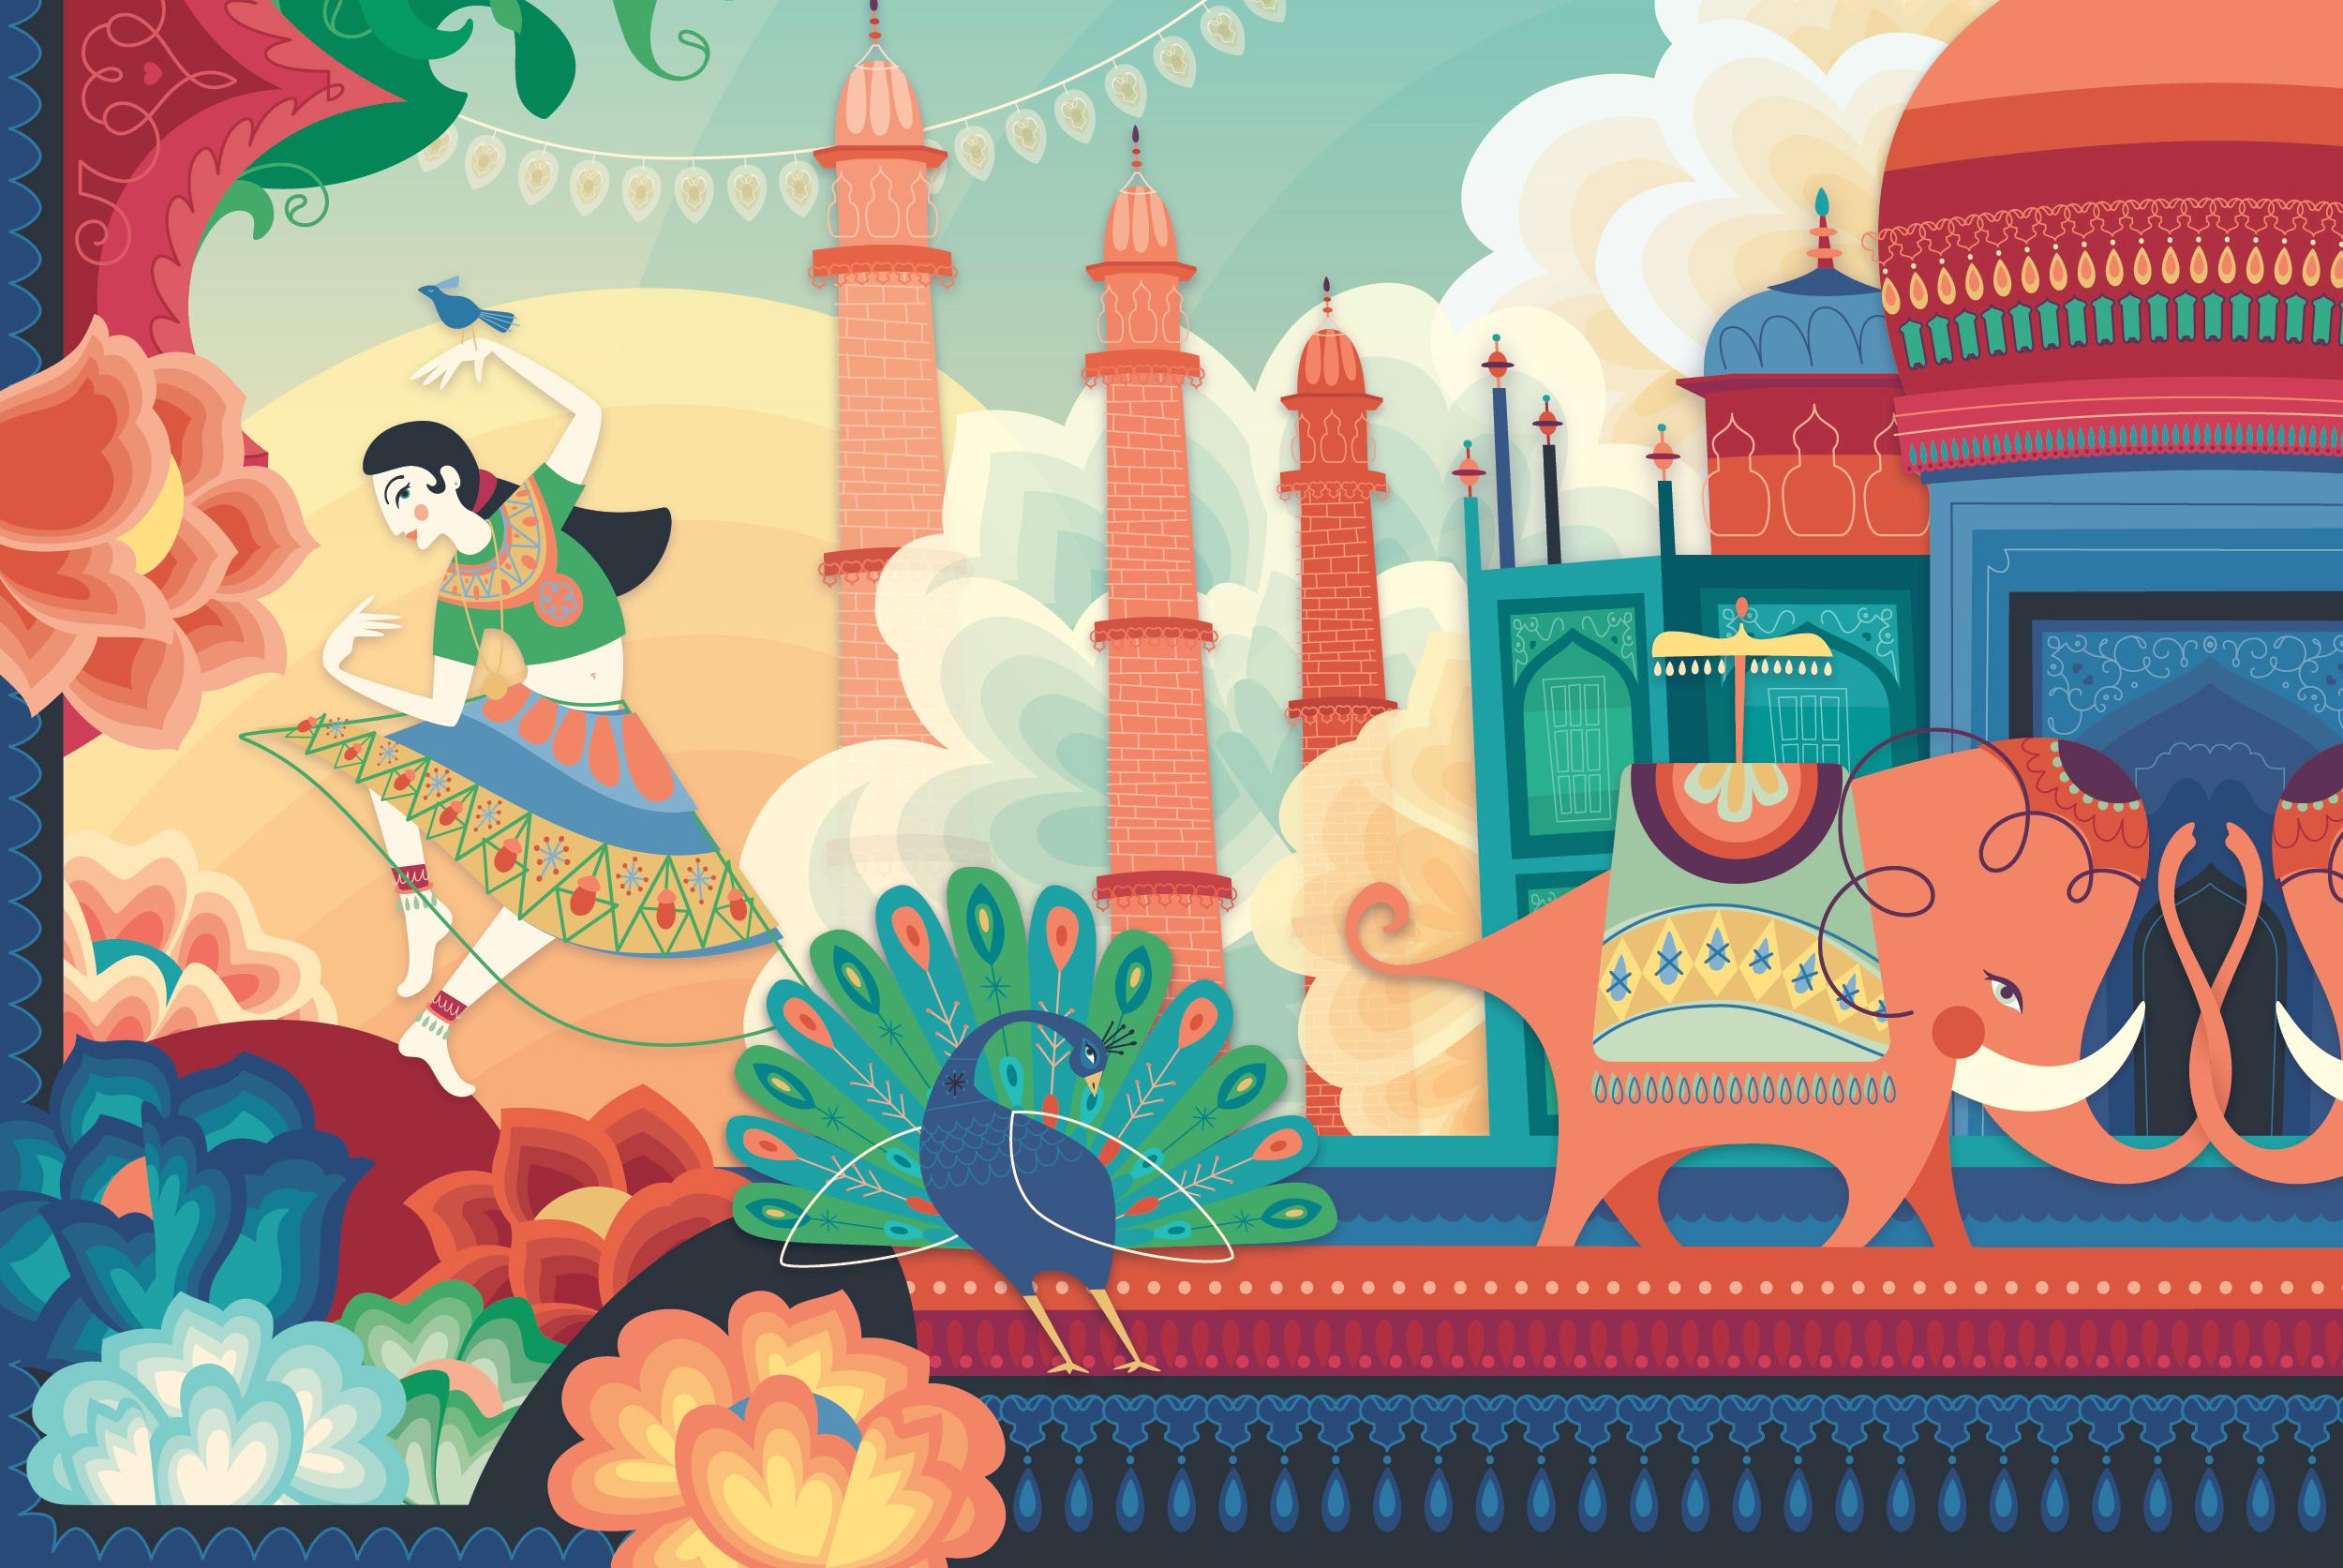 mural_crop.jpg